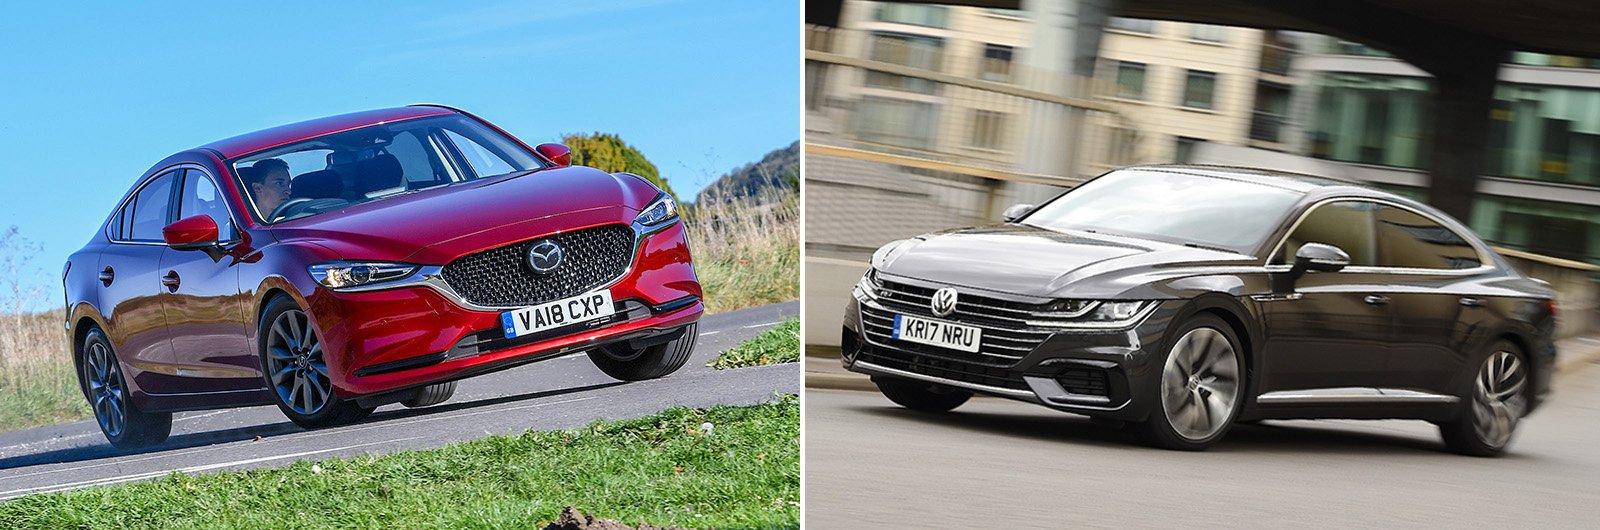 New Mazda 6 vs used Volkswagen Arteon: which is best?